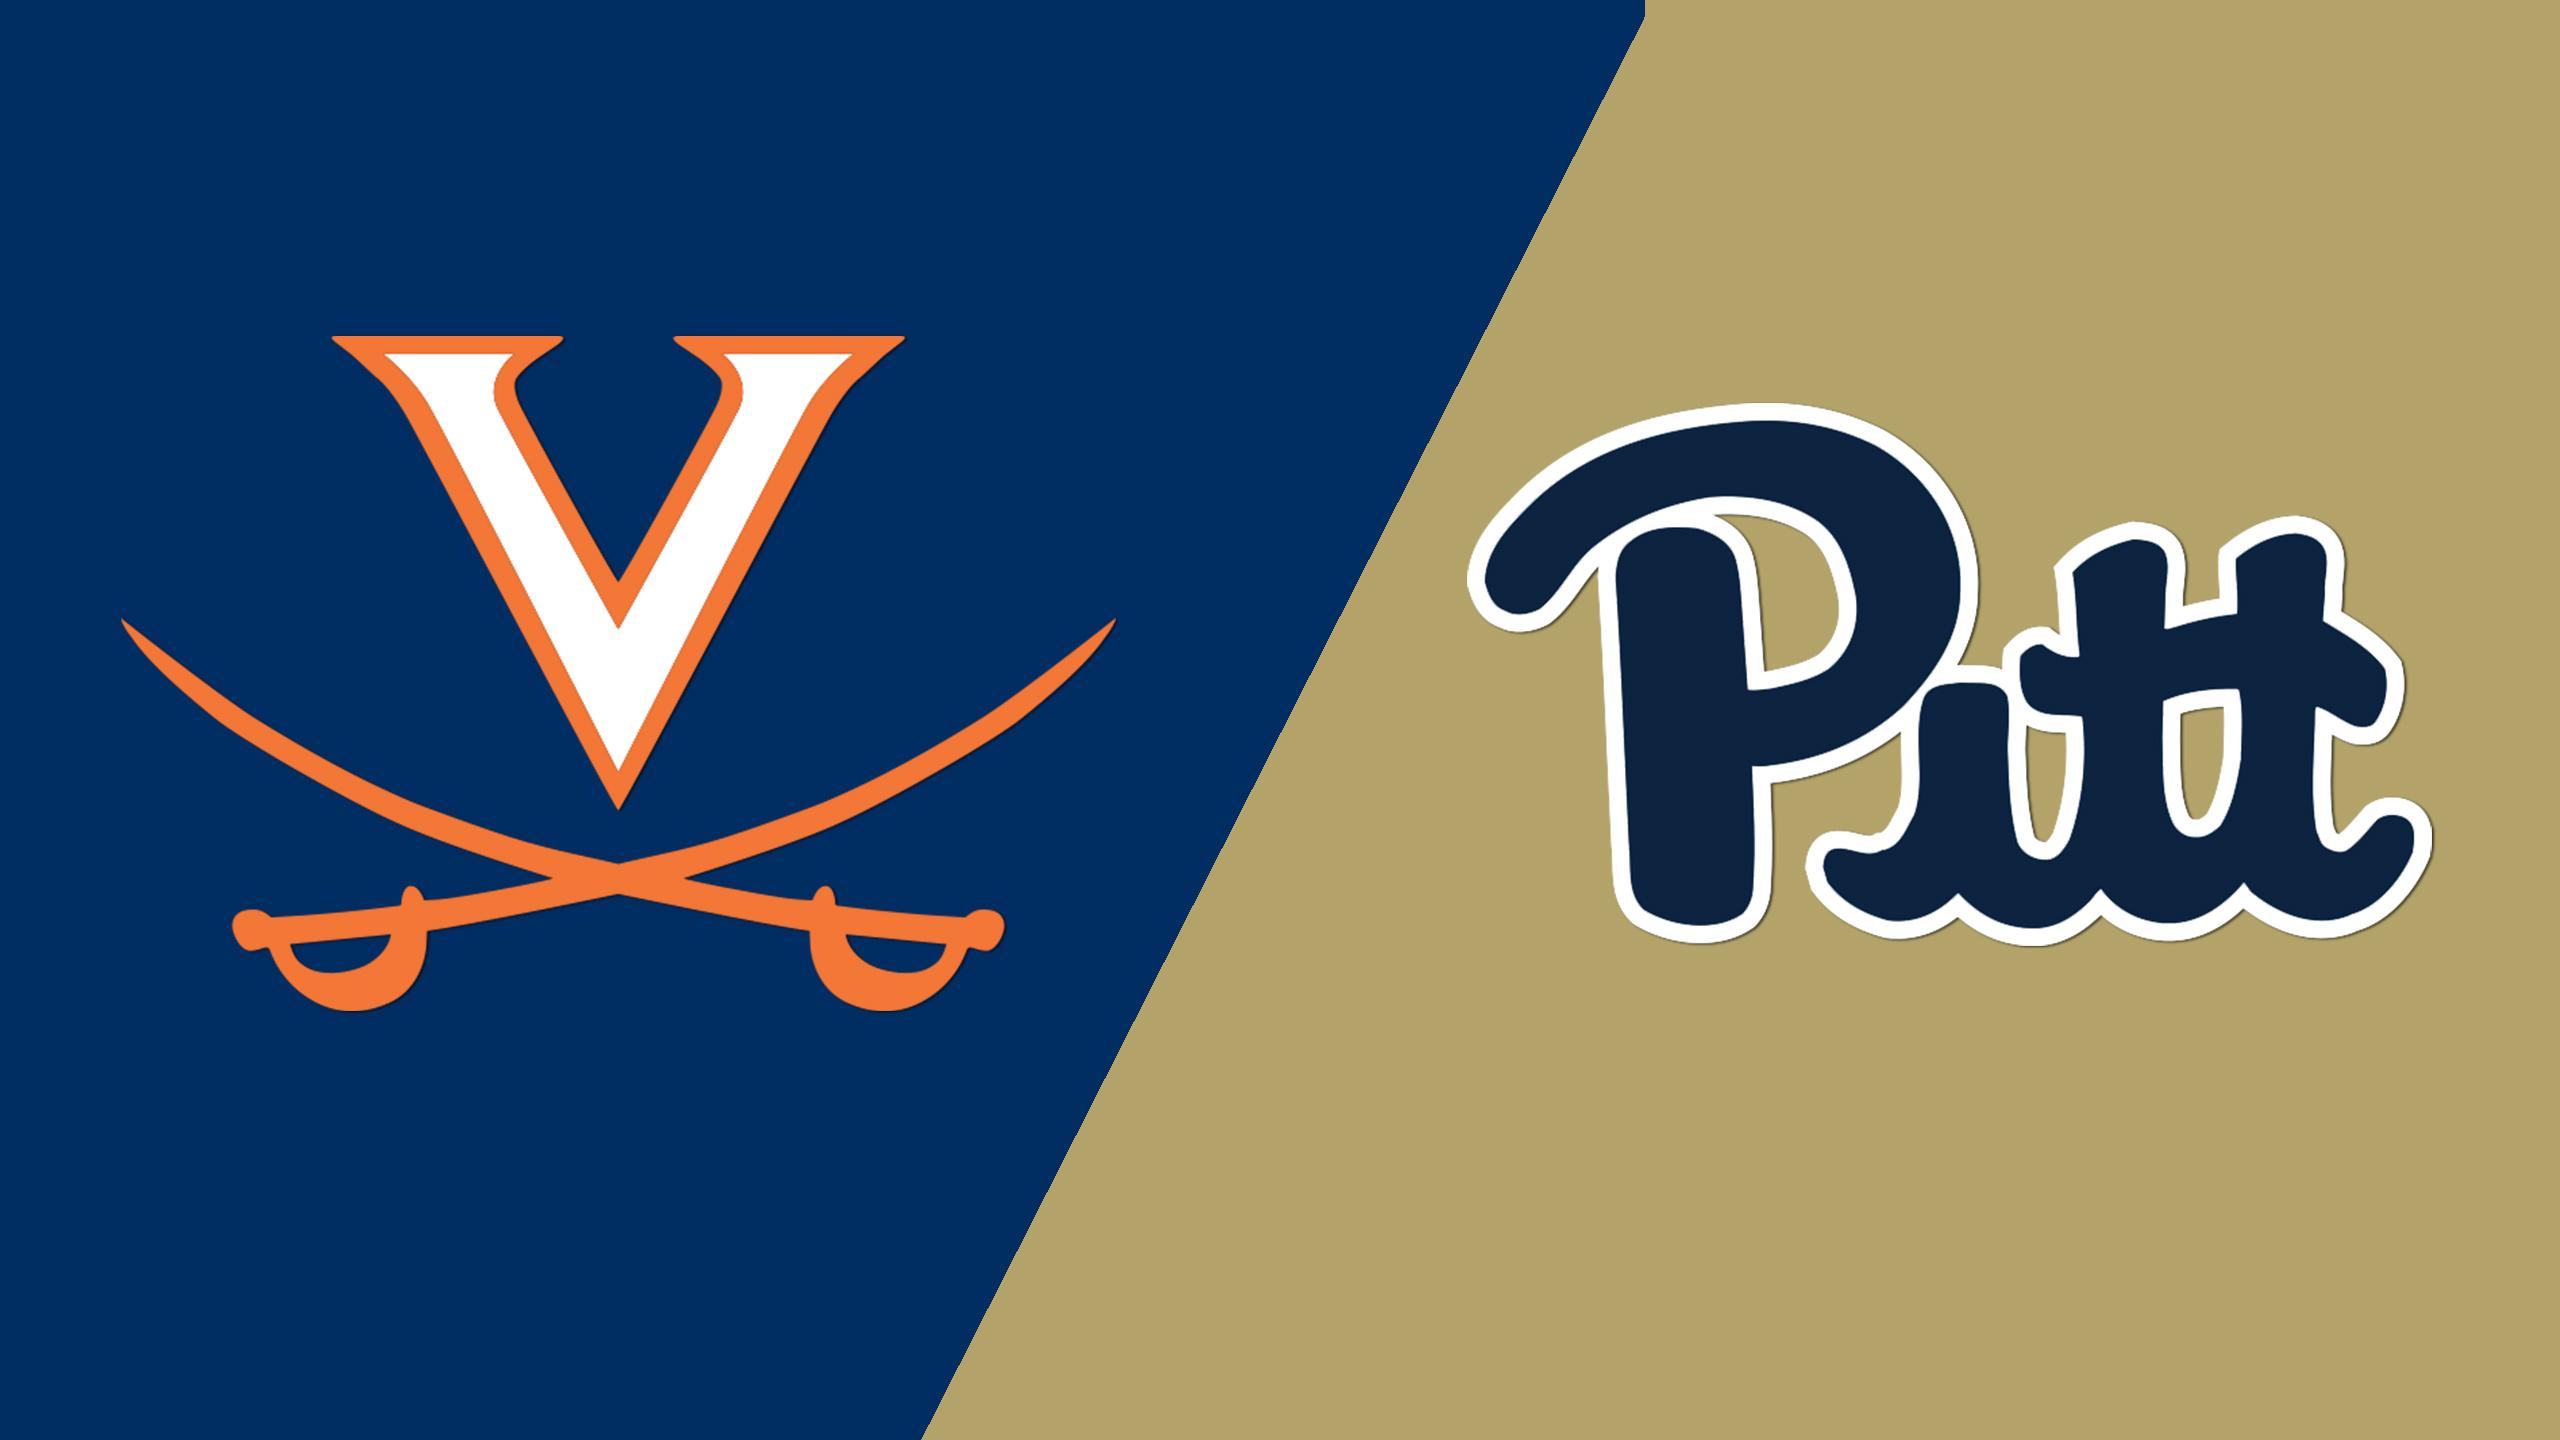 Virginia vs. Pittsburgh